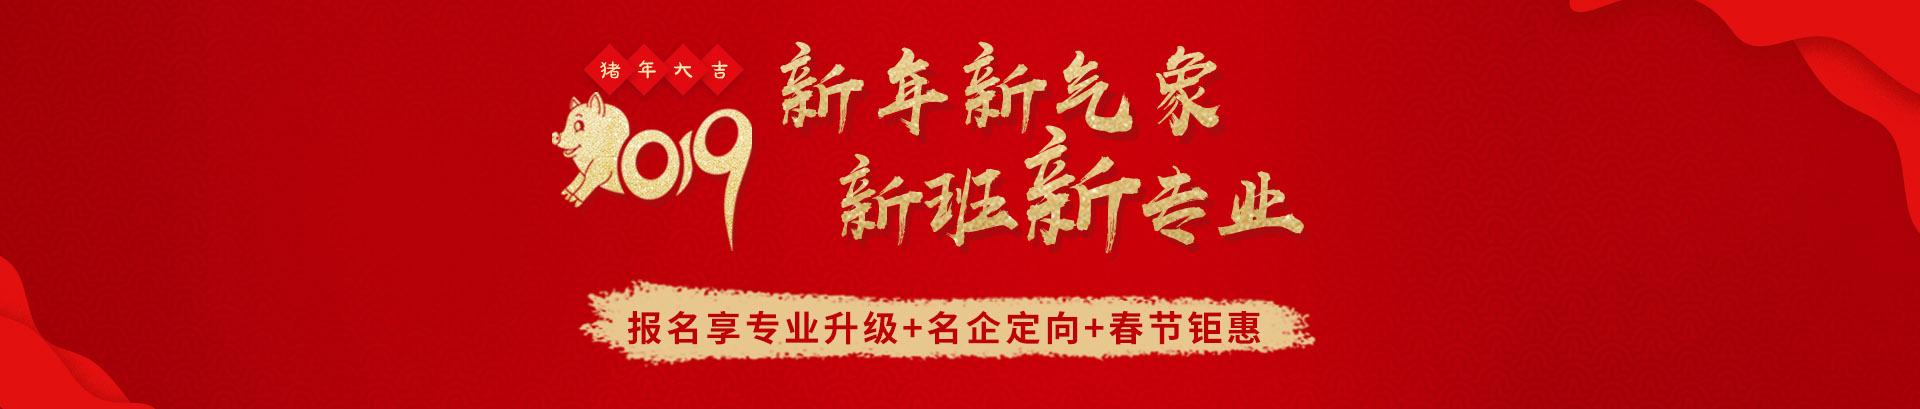 新年新专业-武汉万通汽修学校